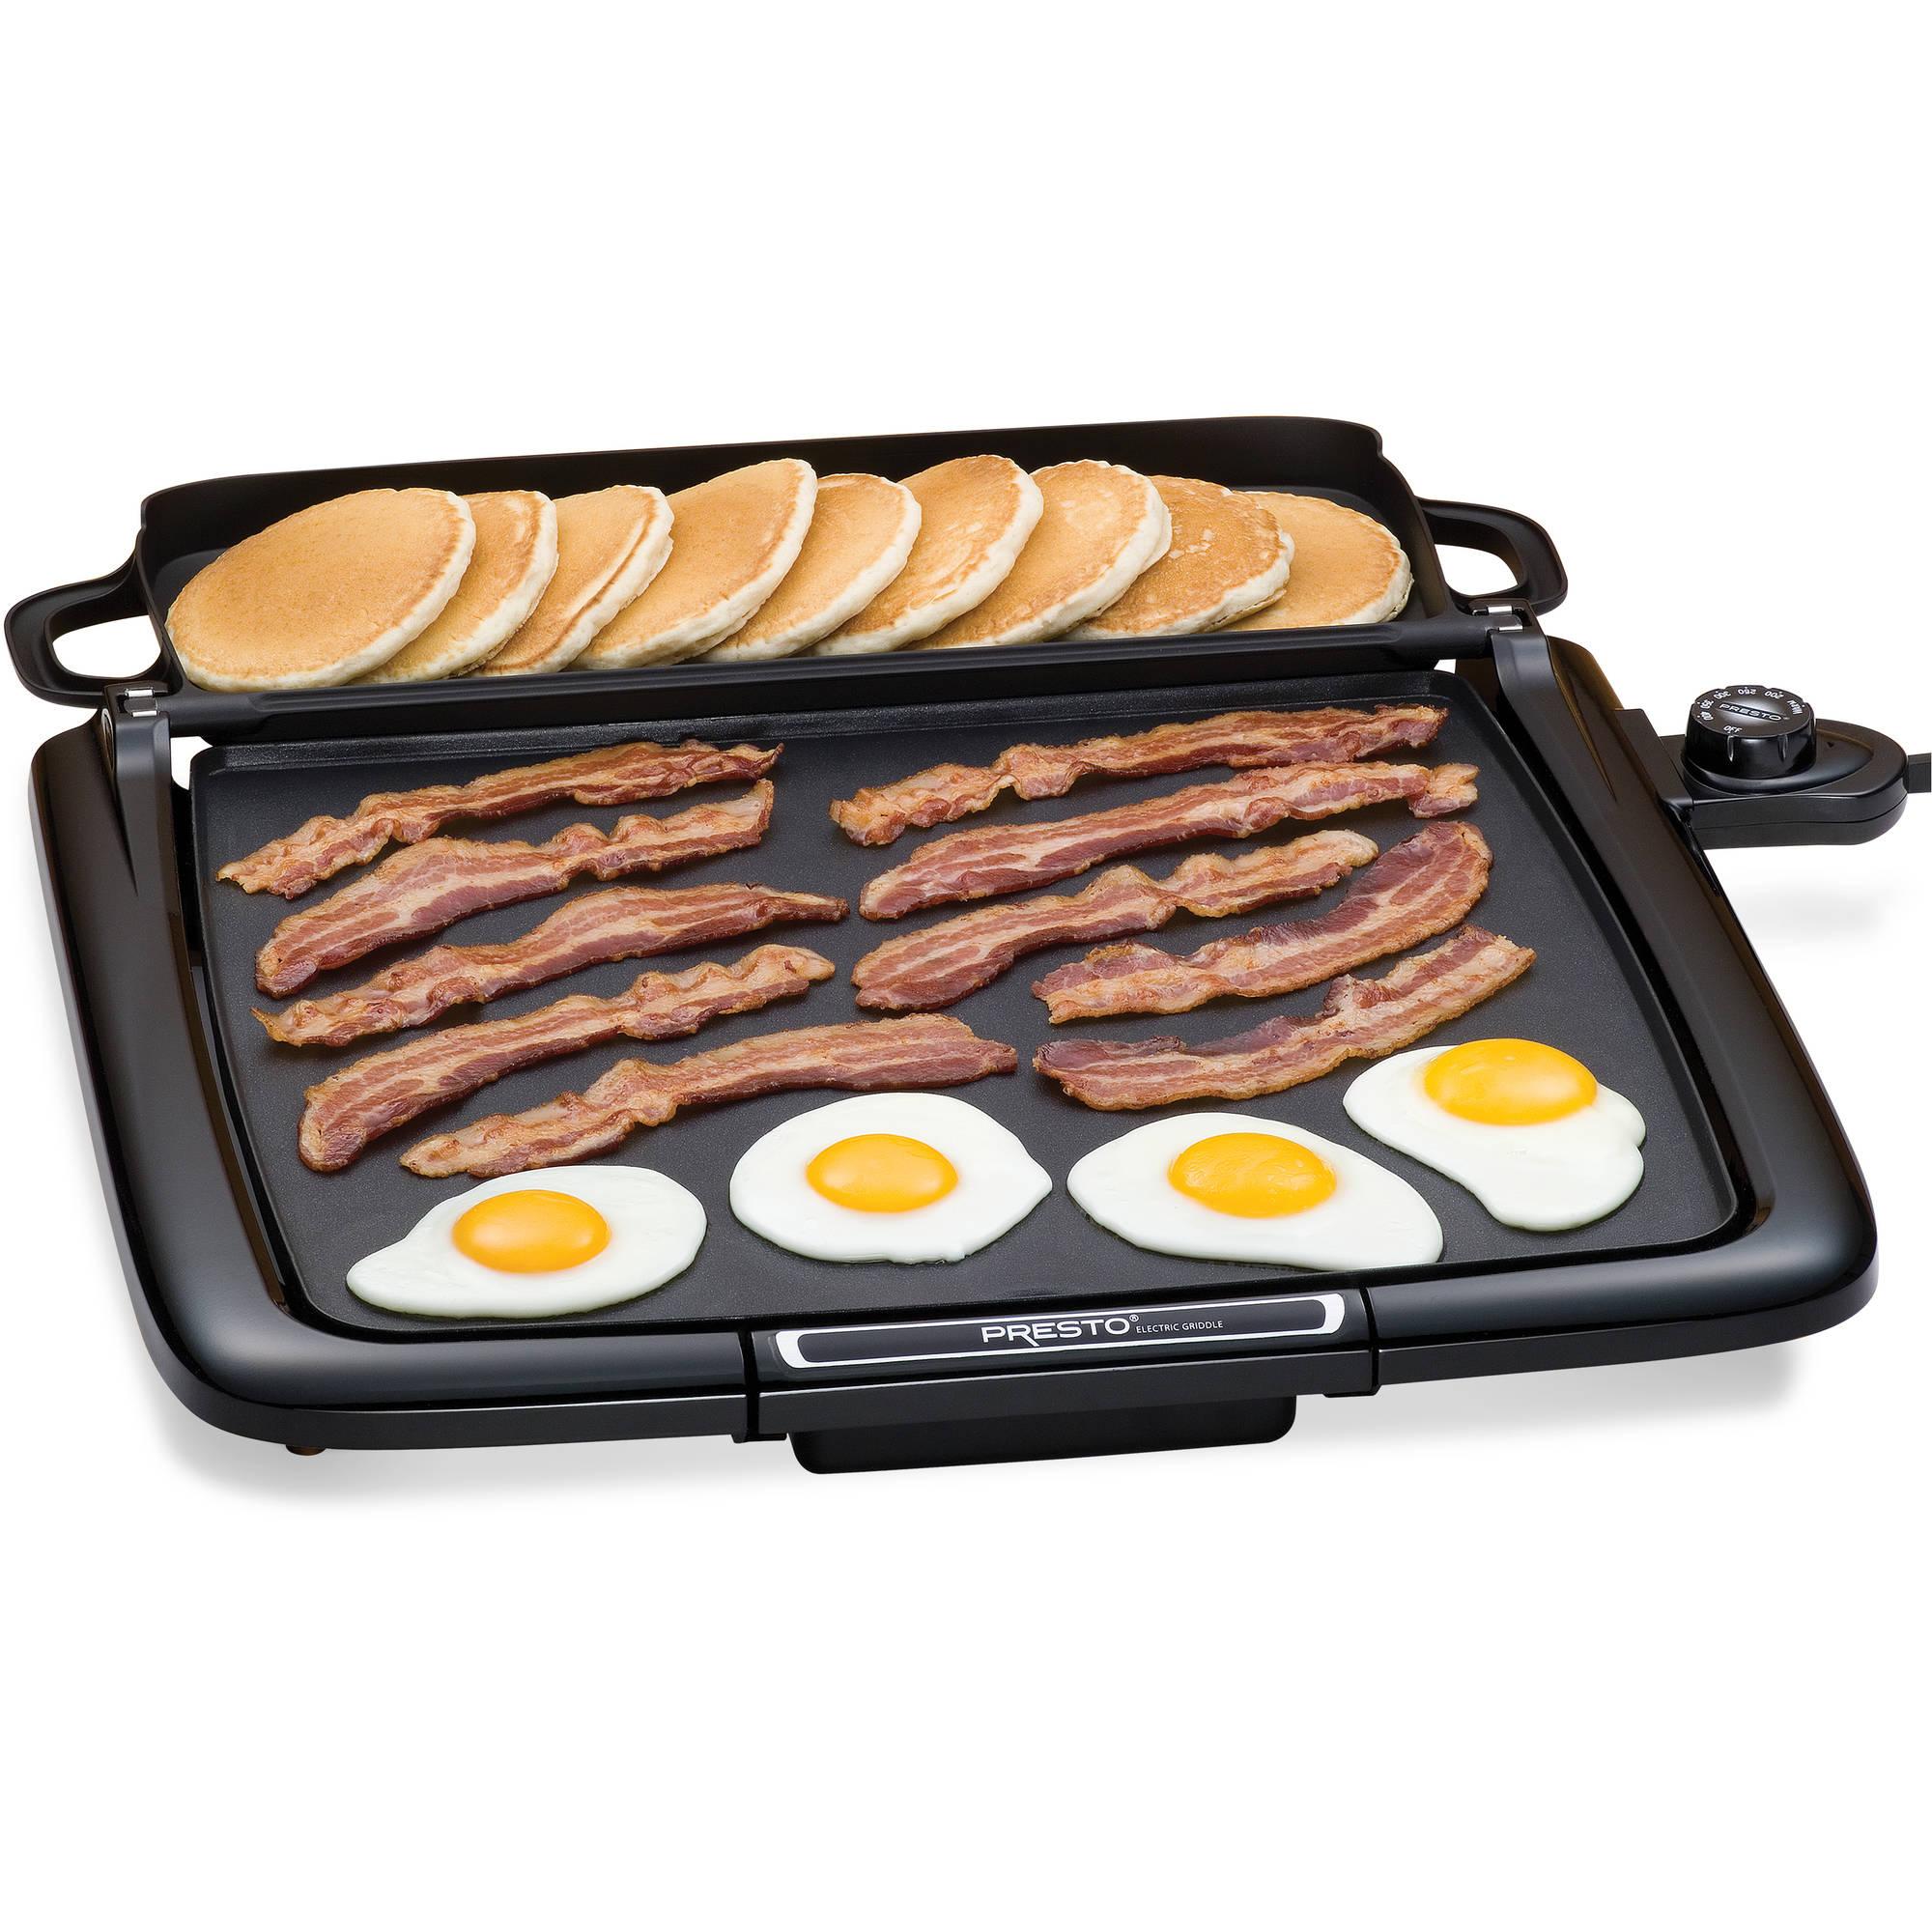 pancake griddle